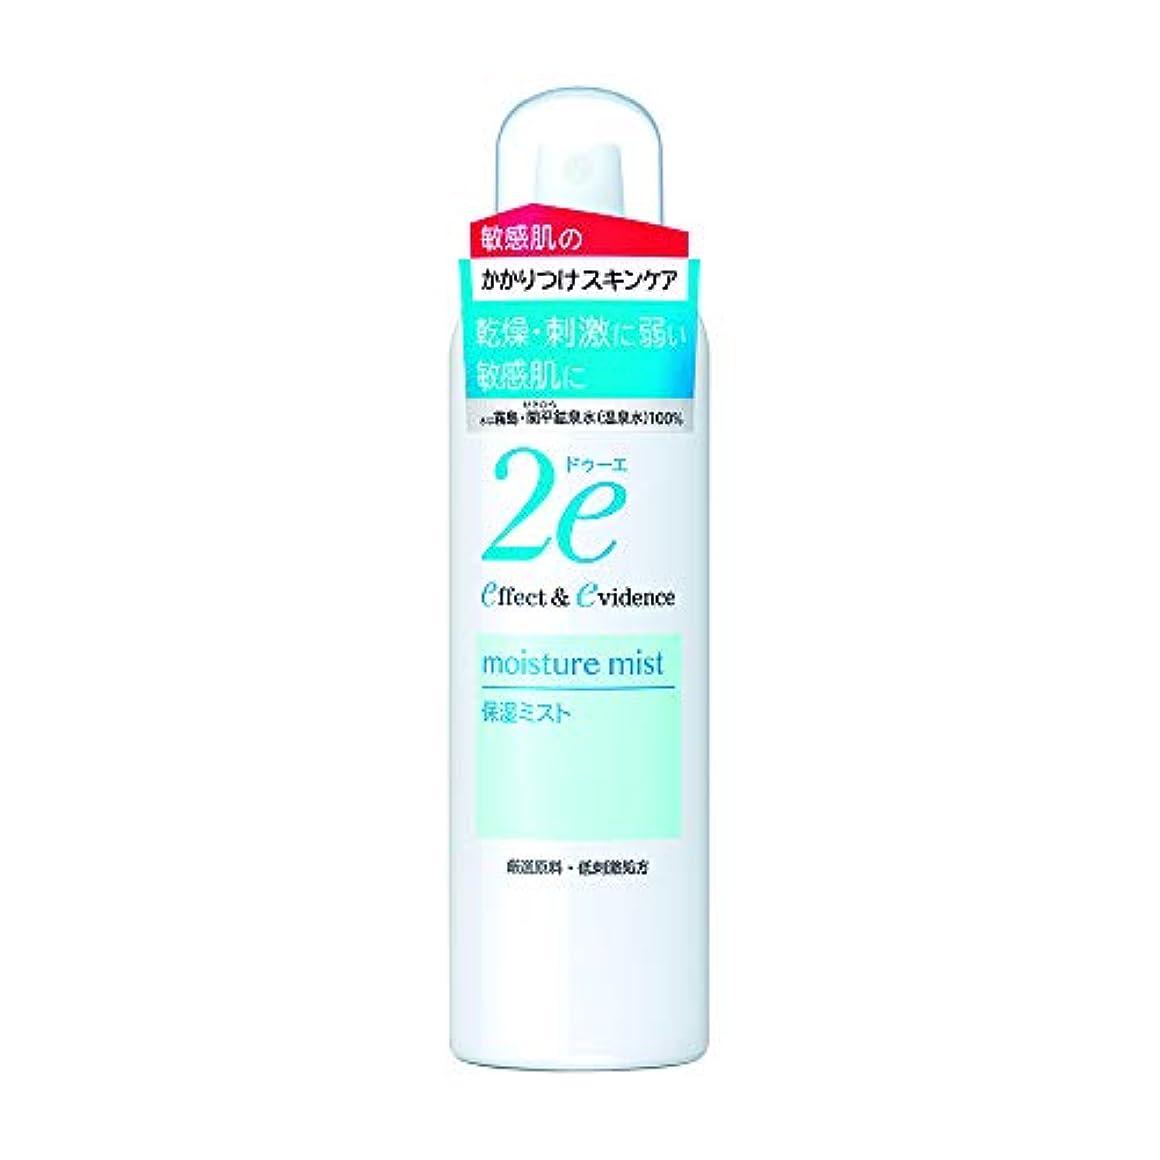 使用法数値オーバードロー2e(ドゥーエ) 保湿ミスト 敏感肌用化粧水 スプレータイプ 低刺激処方 180g